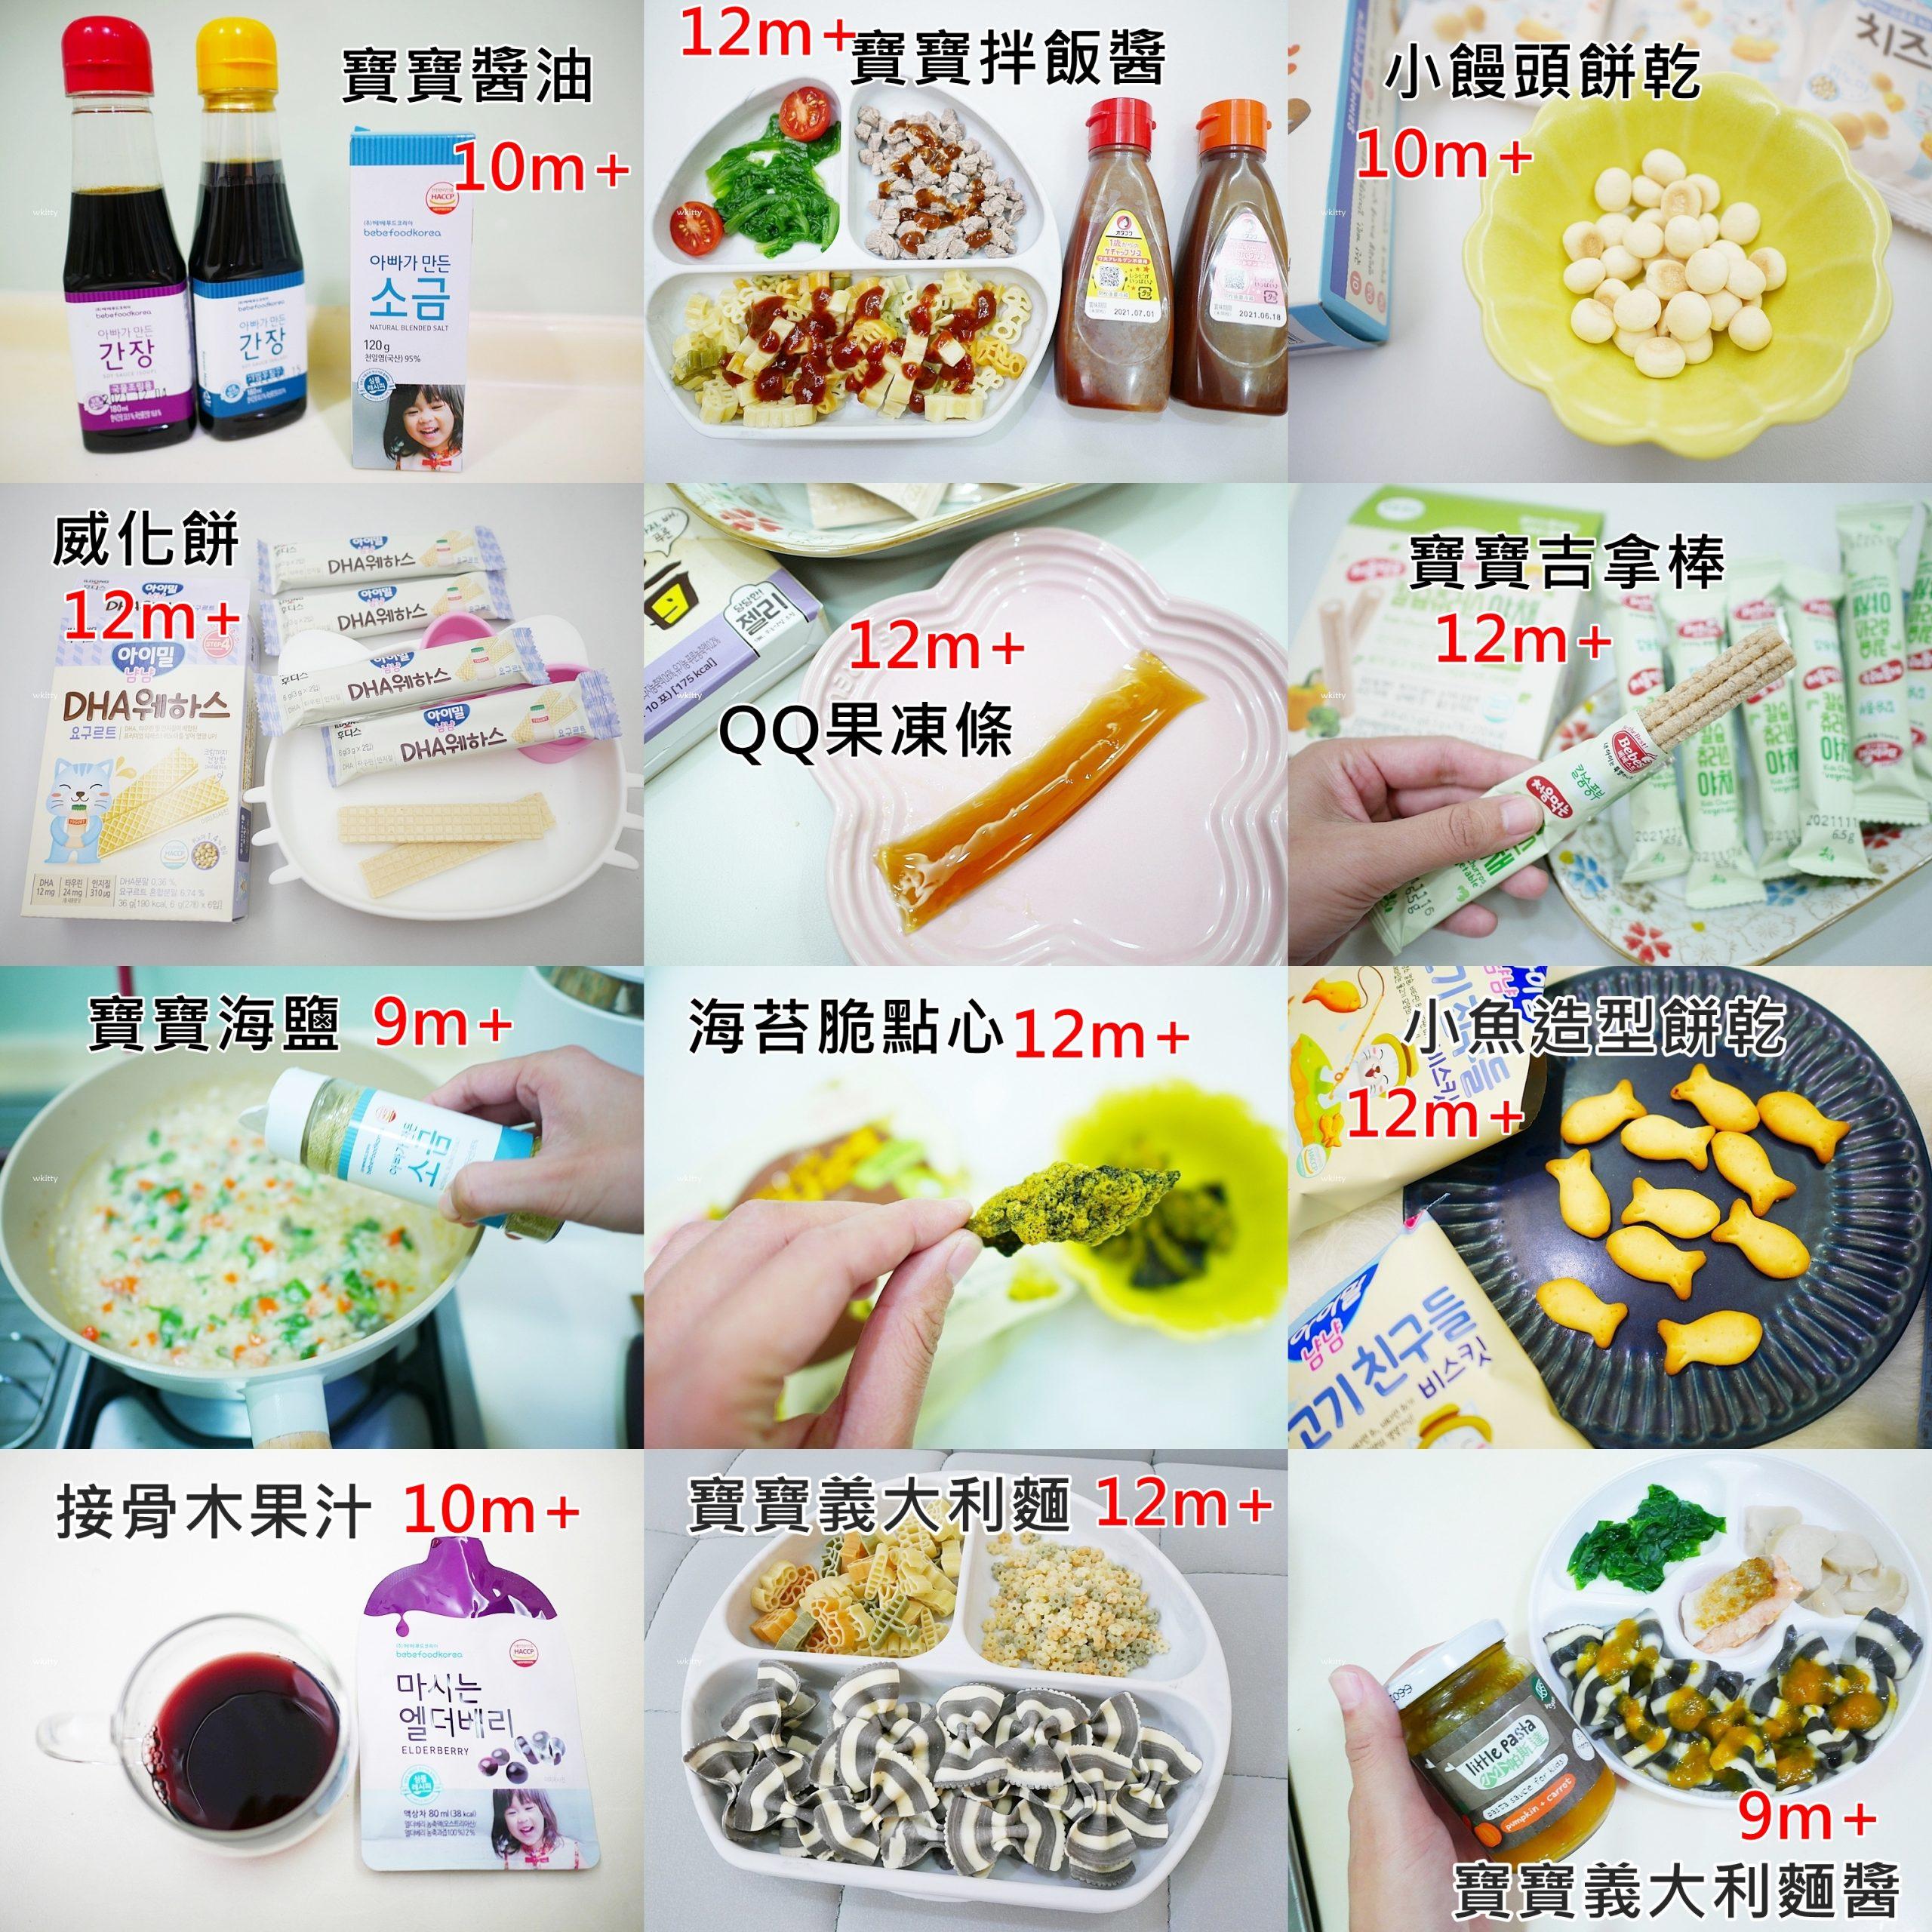 【團購】寶寶食品團,寶寶福德醬油.海苔.海苔酥/多福寶寶調味醬/造型寶寶義大利麵/貝思寶寶食品 @小環妞 幸福足跡